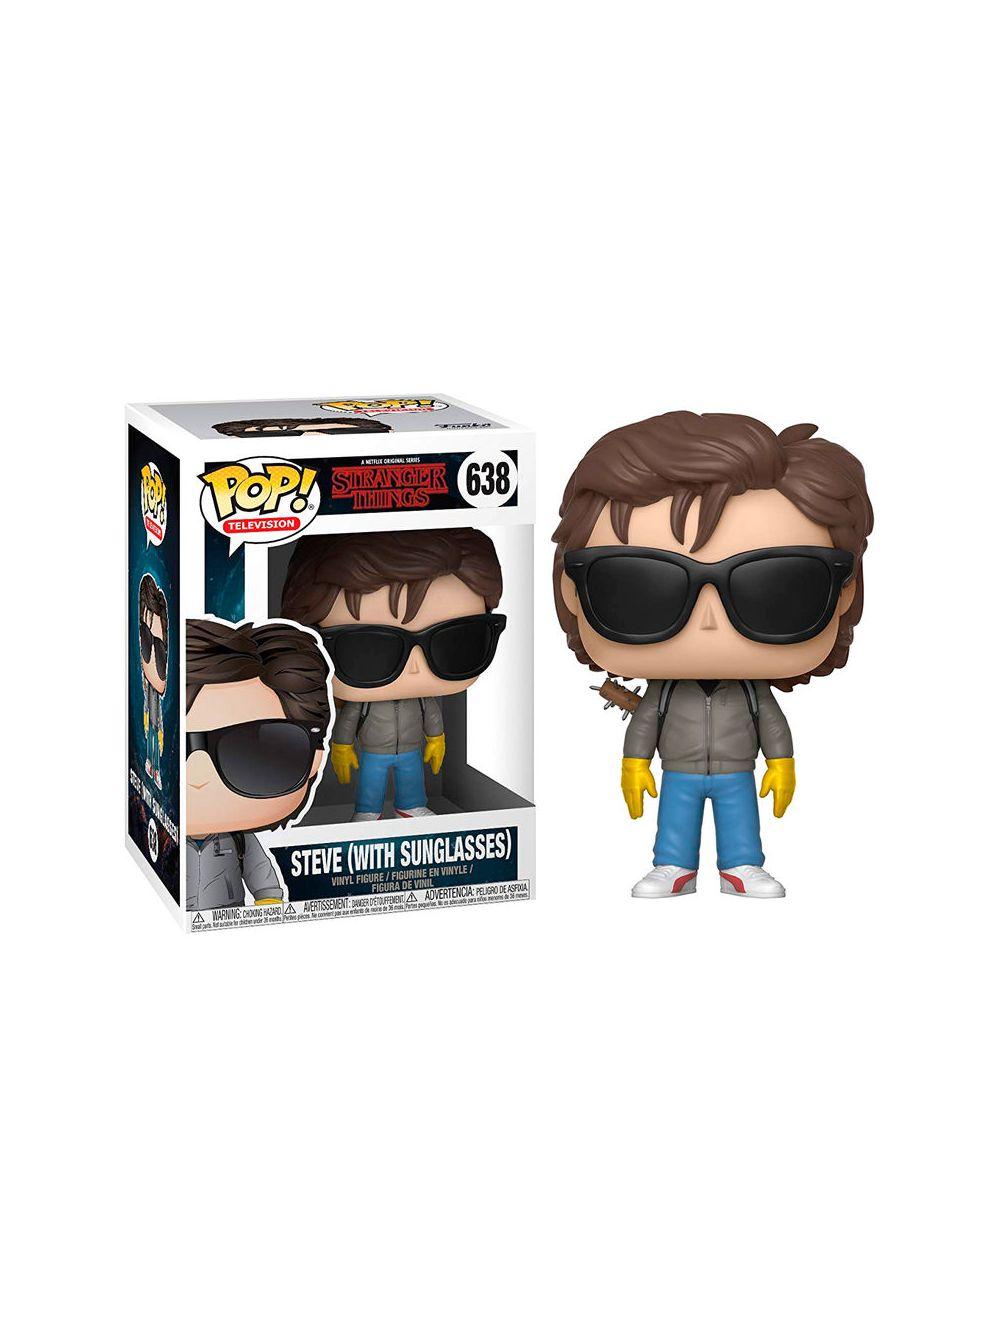 Funko POP! Stranger Things Steve with Sunglasses Vinyl Figura 10cm